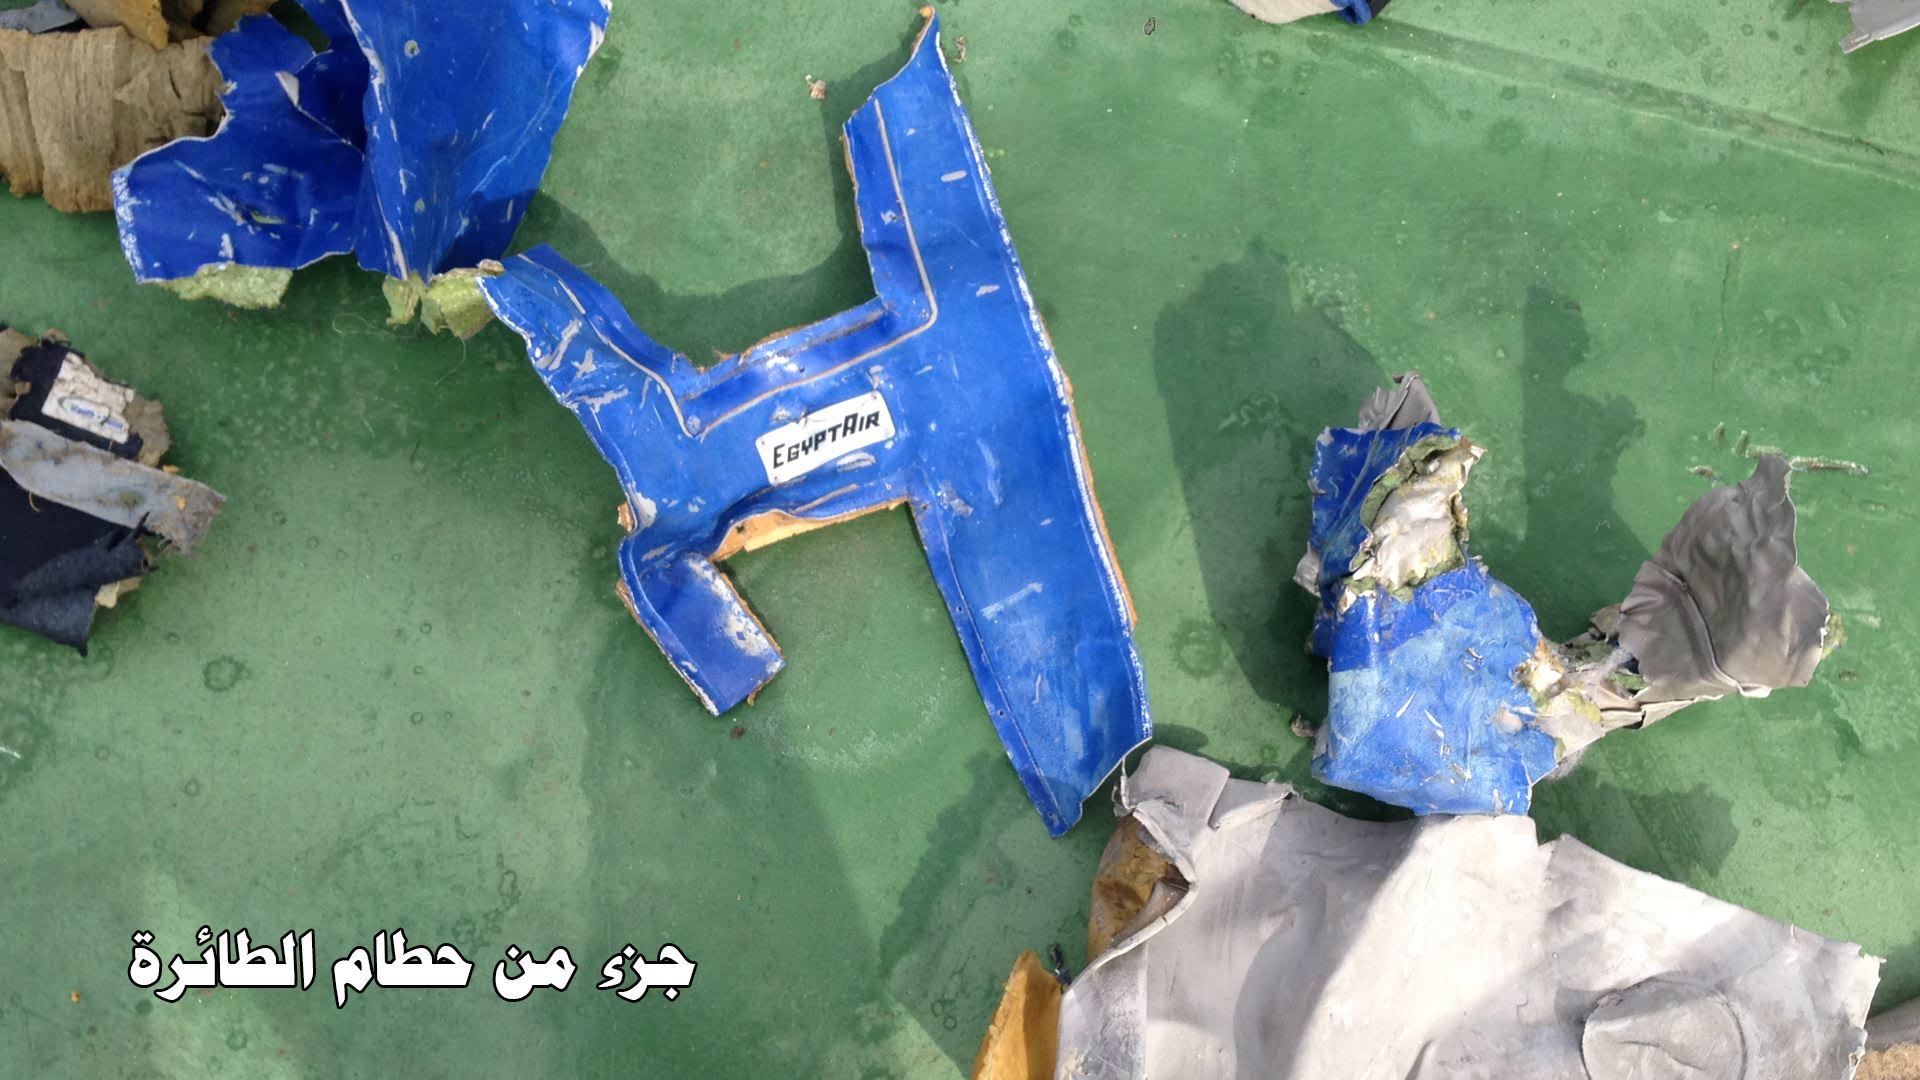 بالرسم المتحرك.. مراحل سقوط الطائرة المصرية MS804